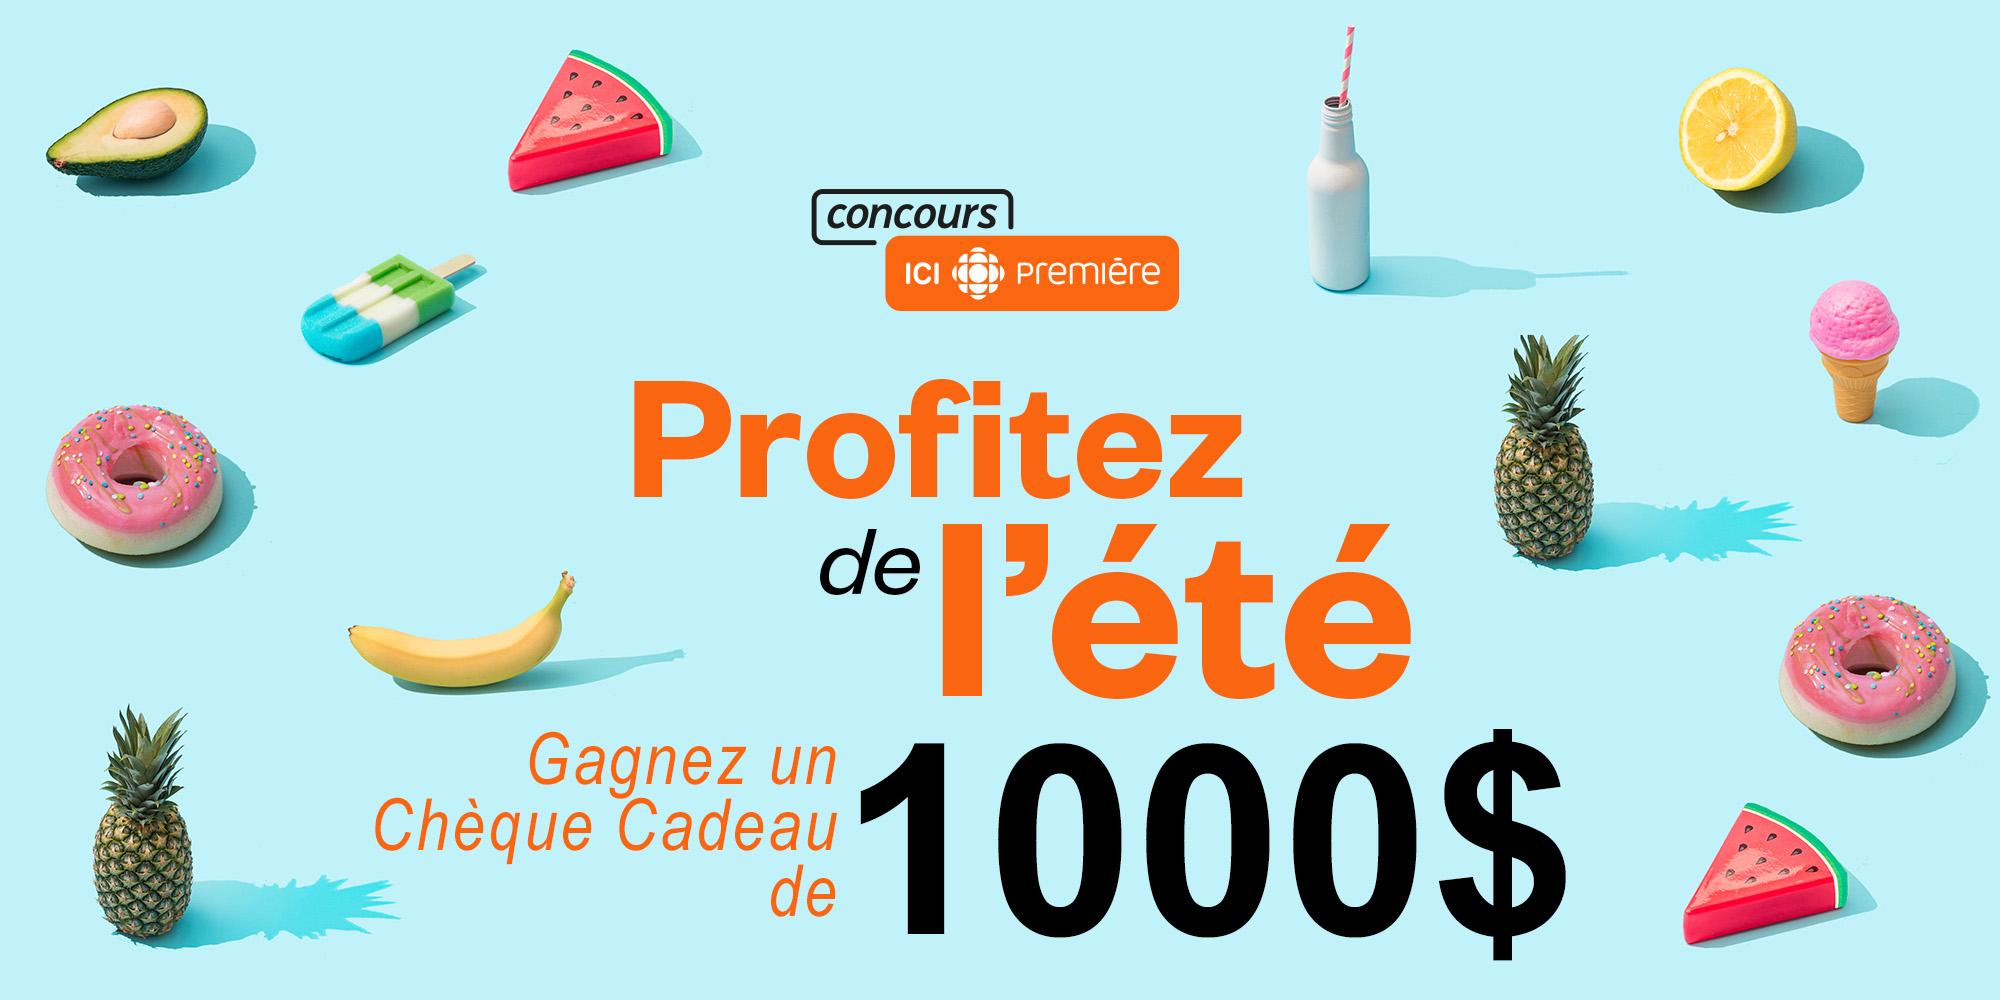 Concours Gagnez un Chèque Cadeau de 1000$ pour Profiter de l'Été!